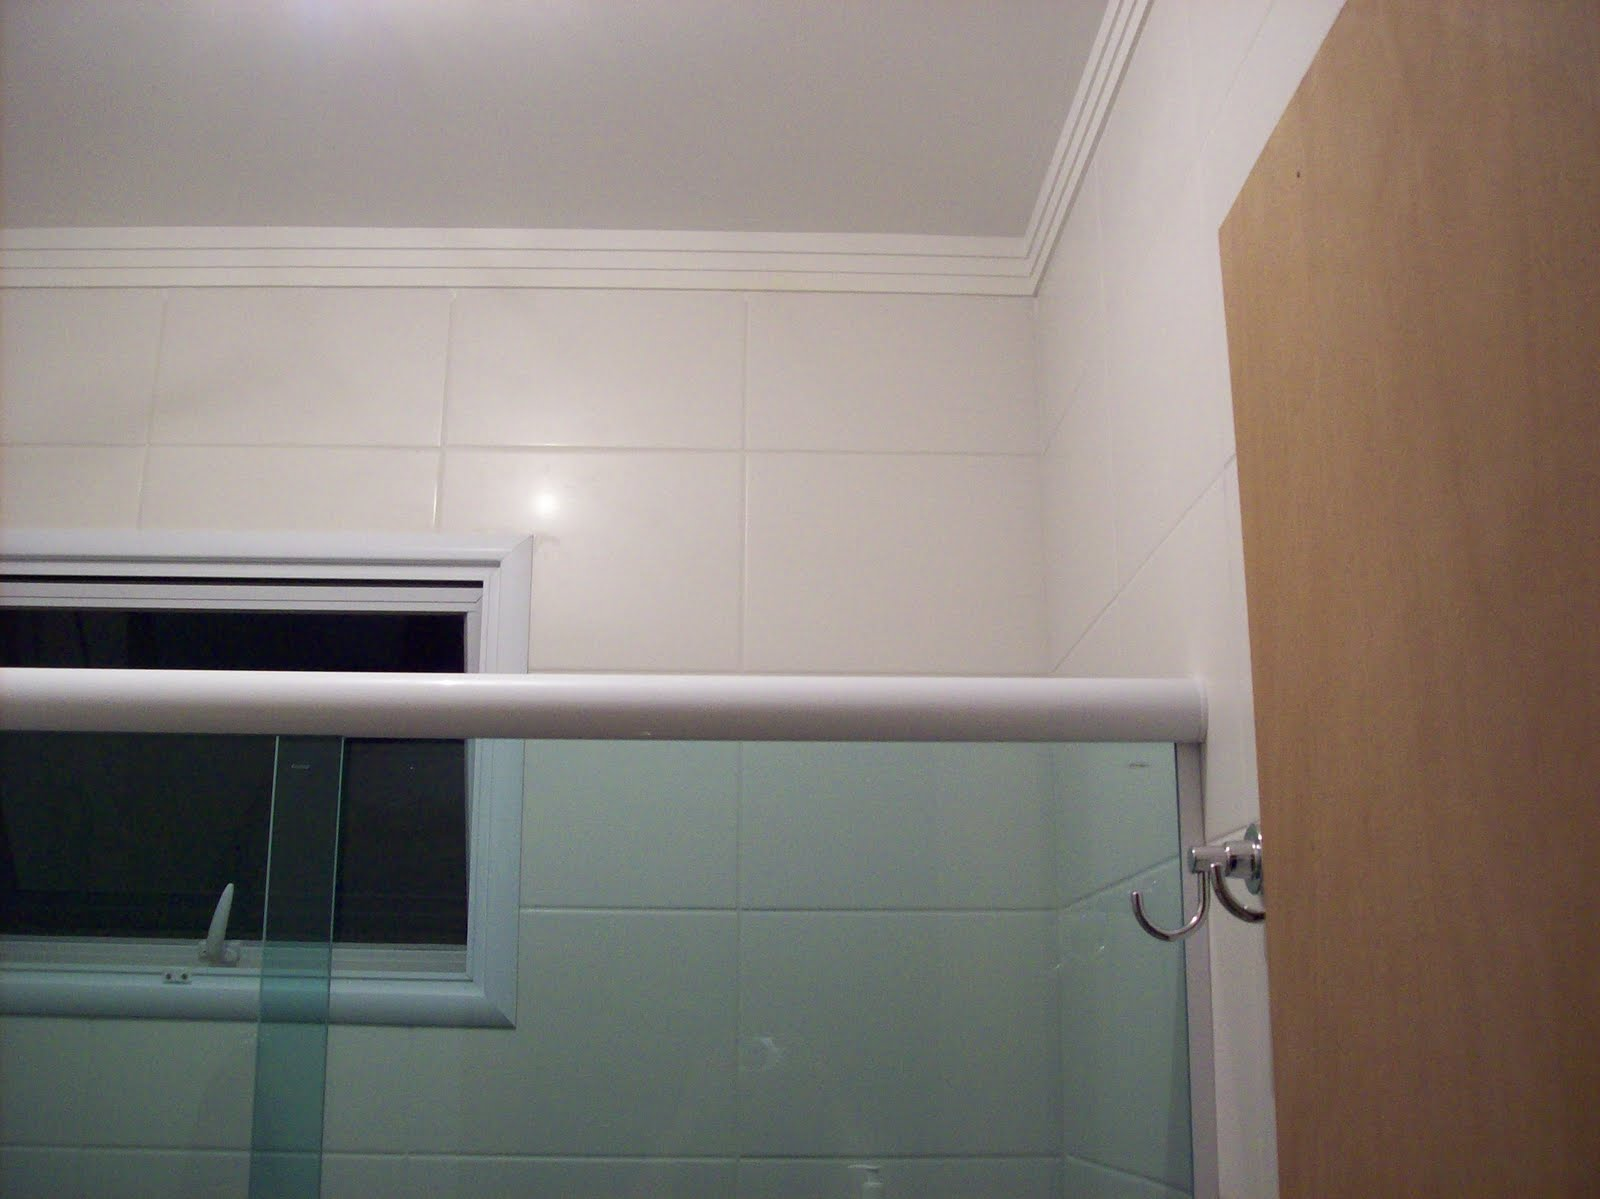 Rebaixo de gesso iluminação embutida e moldura de gola na parede e  #654A3B 1600x1199 Banheiro Com Moldura De Gesso